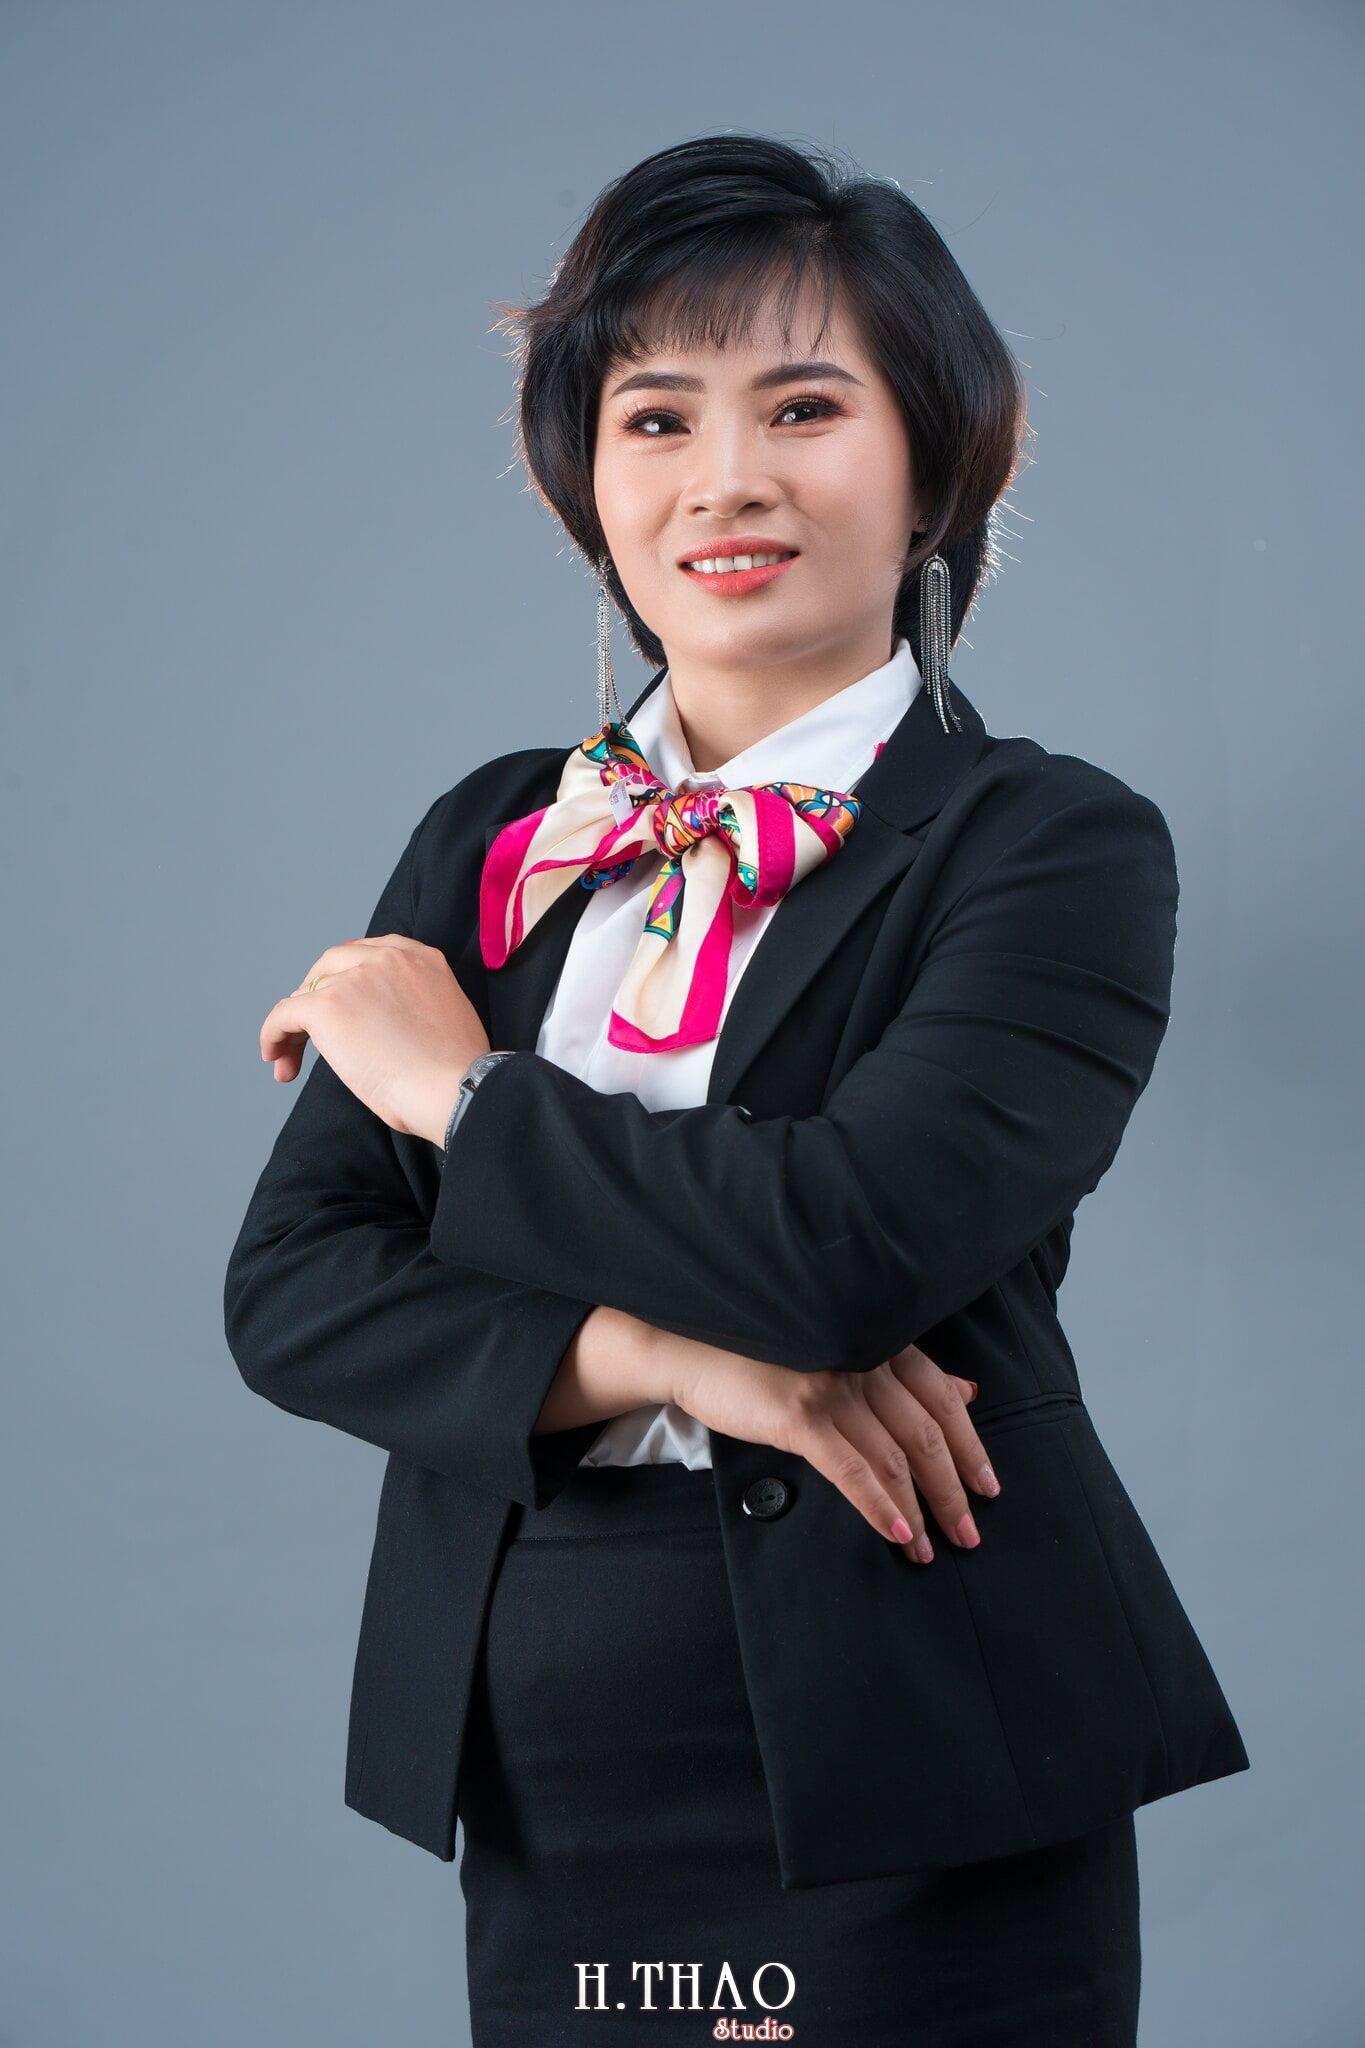 cong ty manulife 7 min - Album ảnh profile cá nhân chị Ny Manulife - HThao Studio